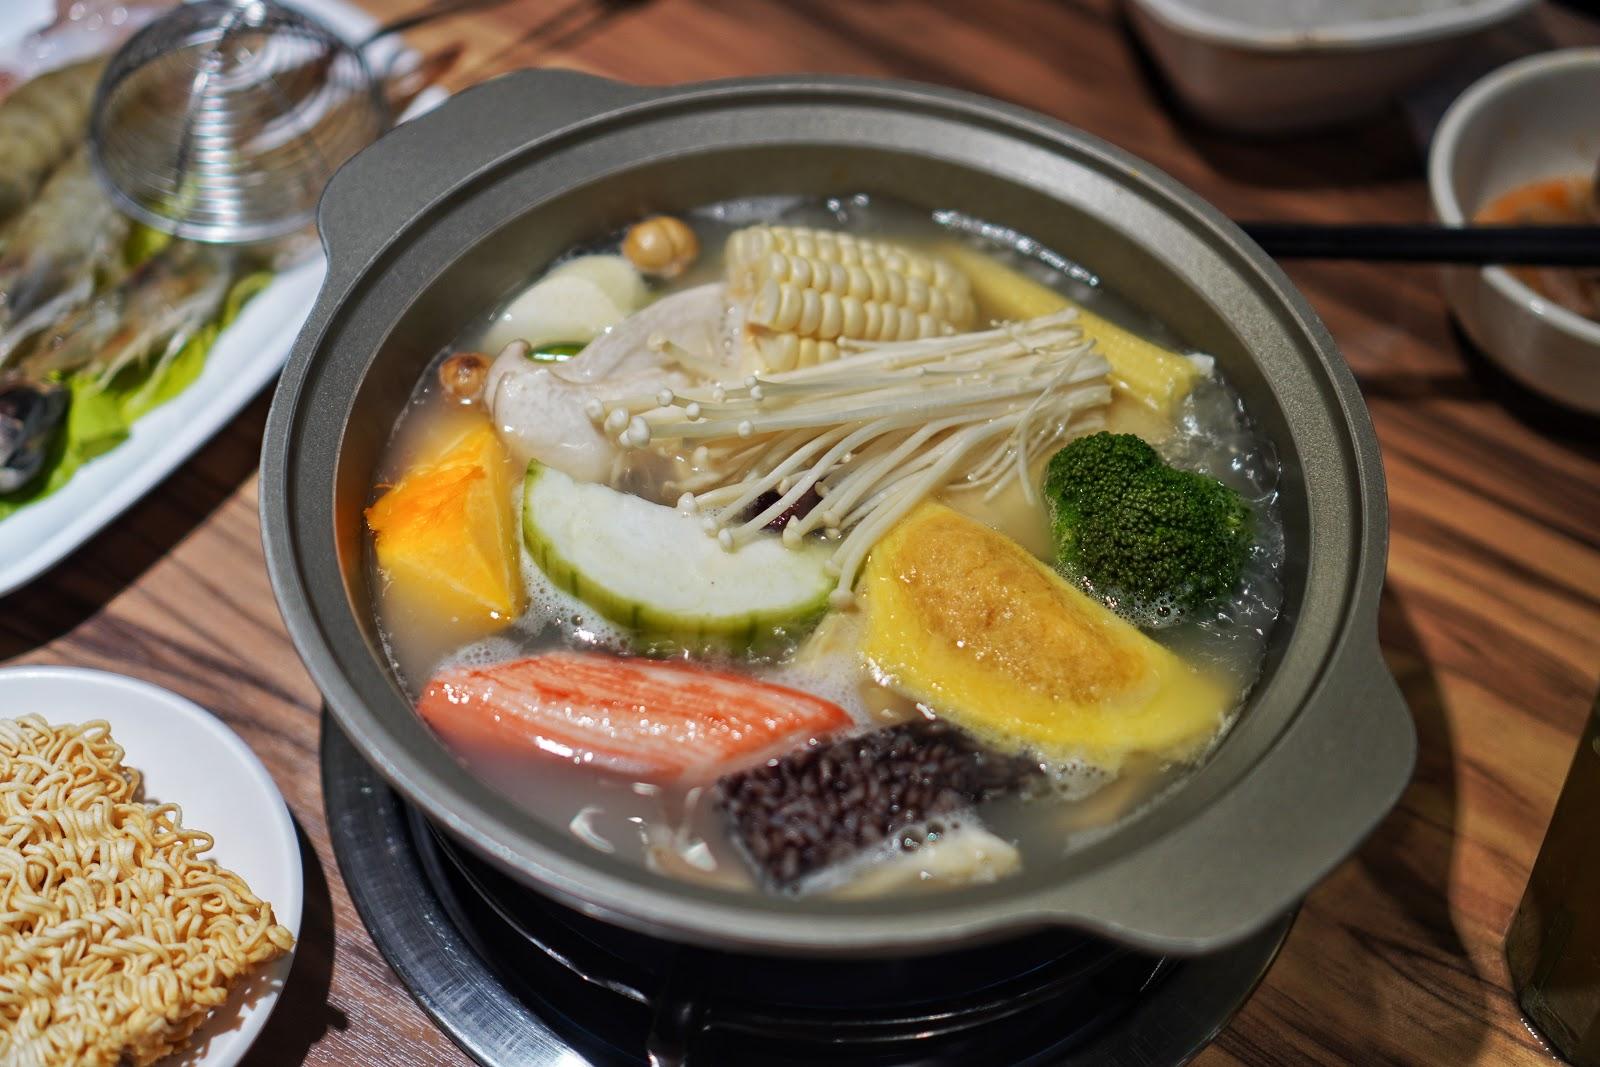 台南東區美食【就愛這鍋 麻辣鍋】上湯龍骨鍋慢熬湯底